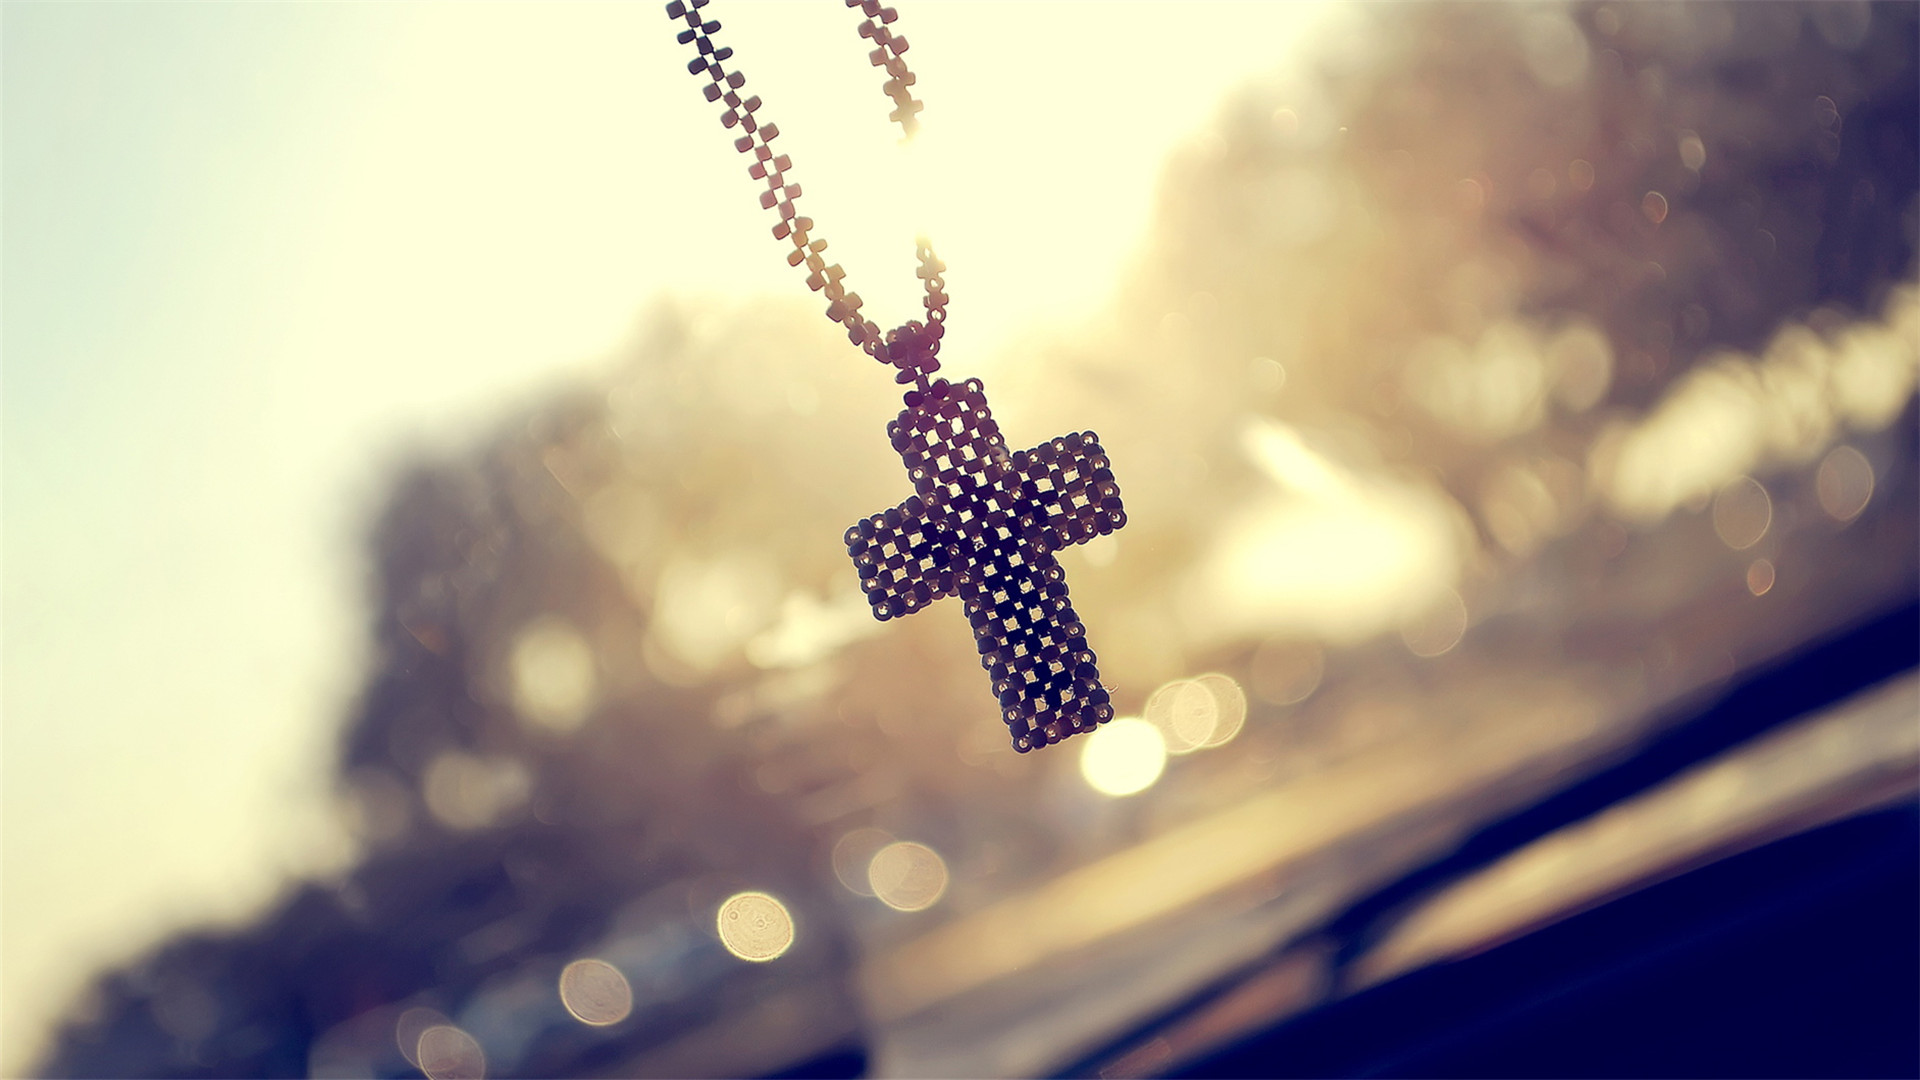 阳光下的唯美十字架挂件ppt背景图片下载